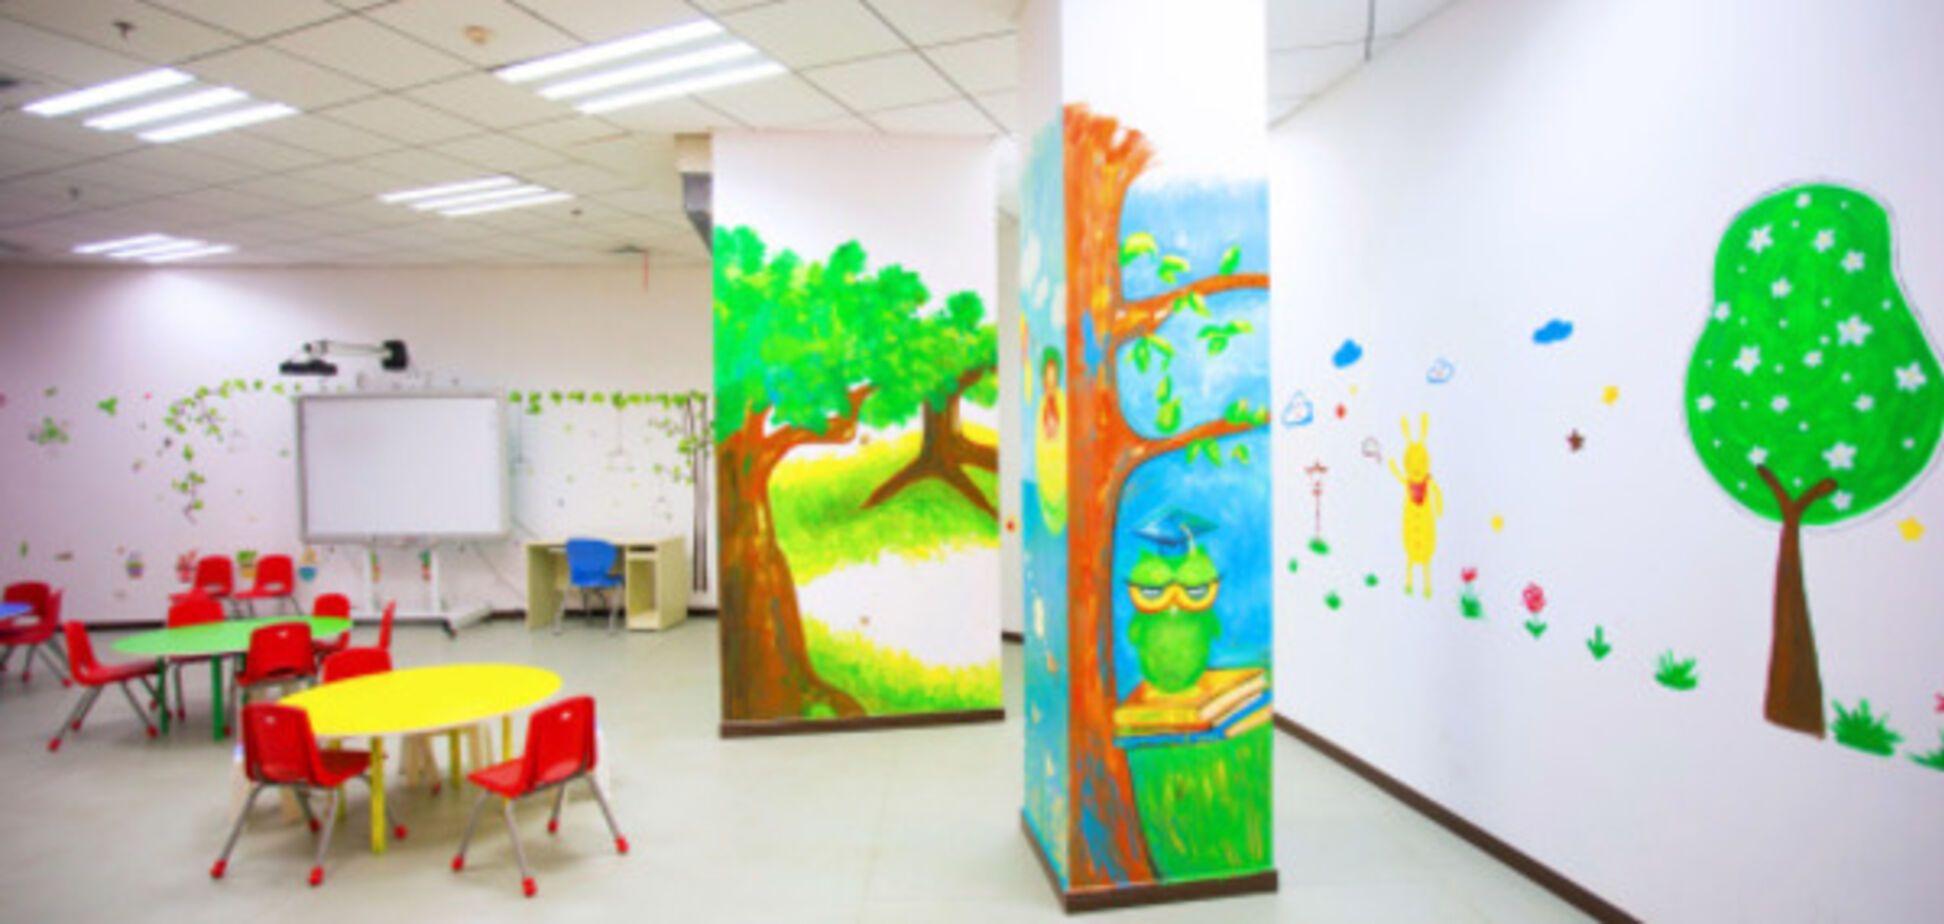 У дитячому садку Дніпропетровської області зафіксовано туберкульоз